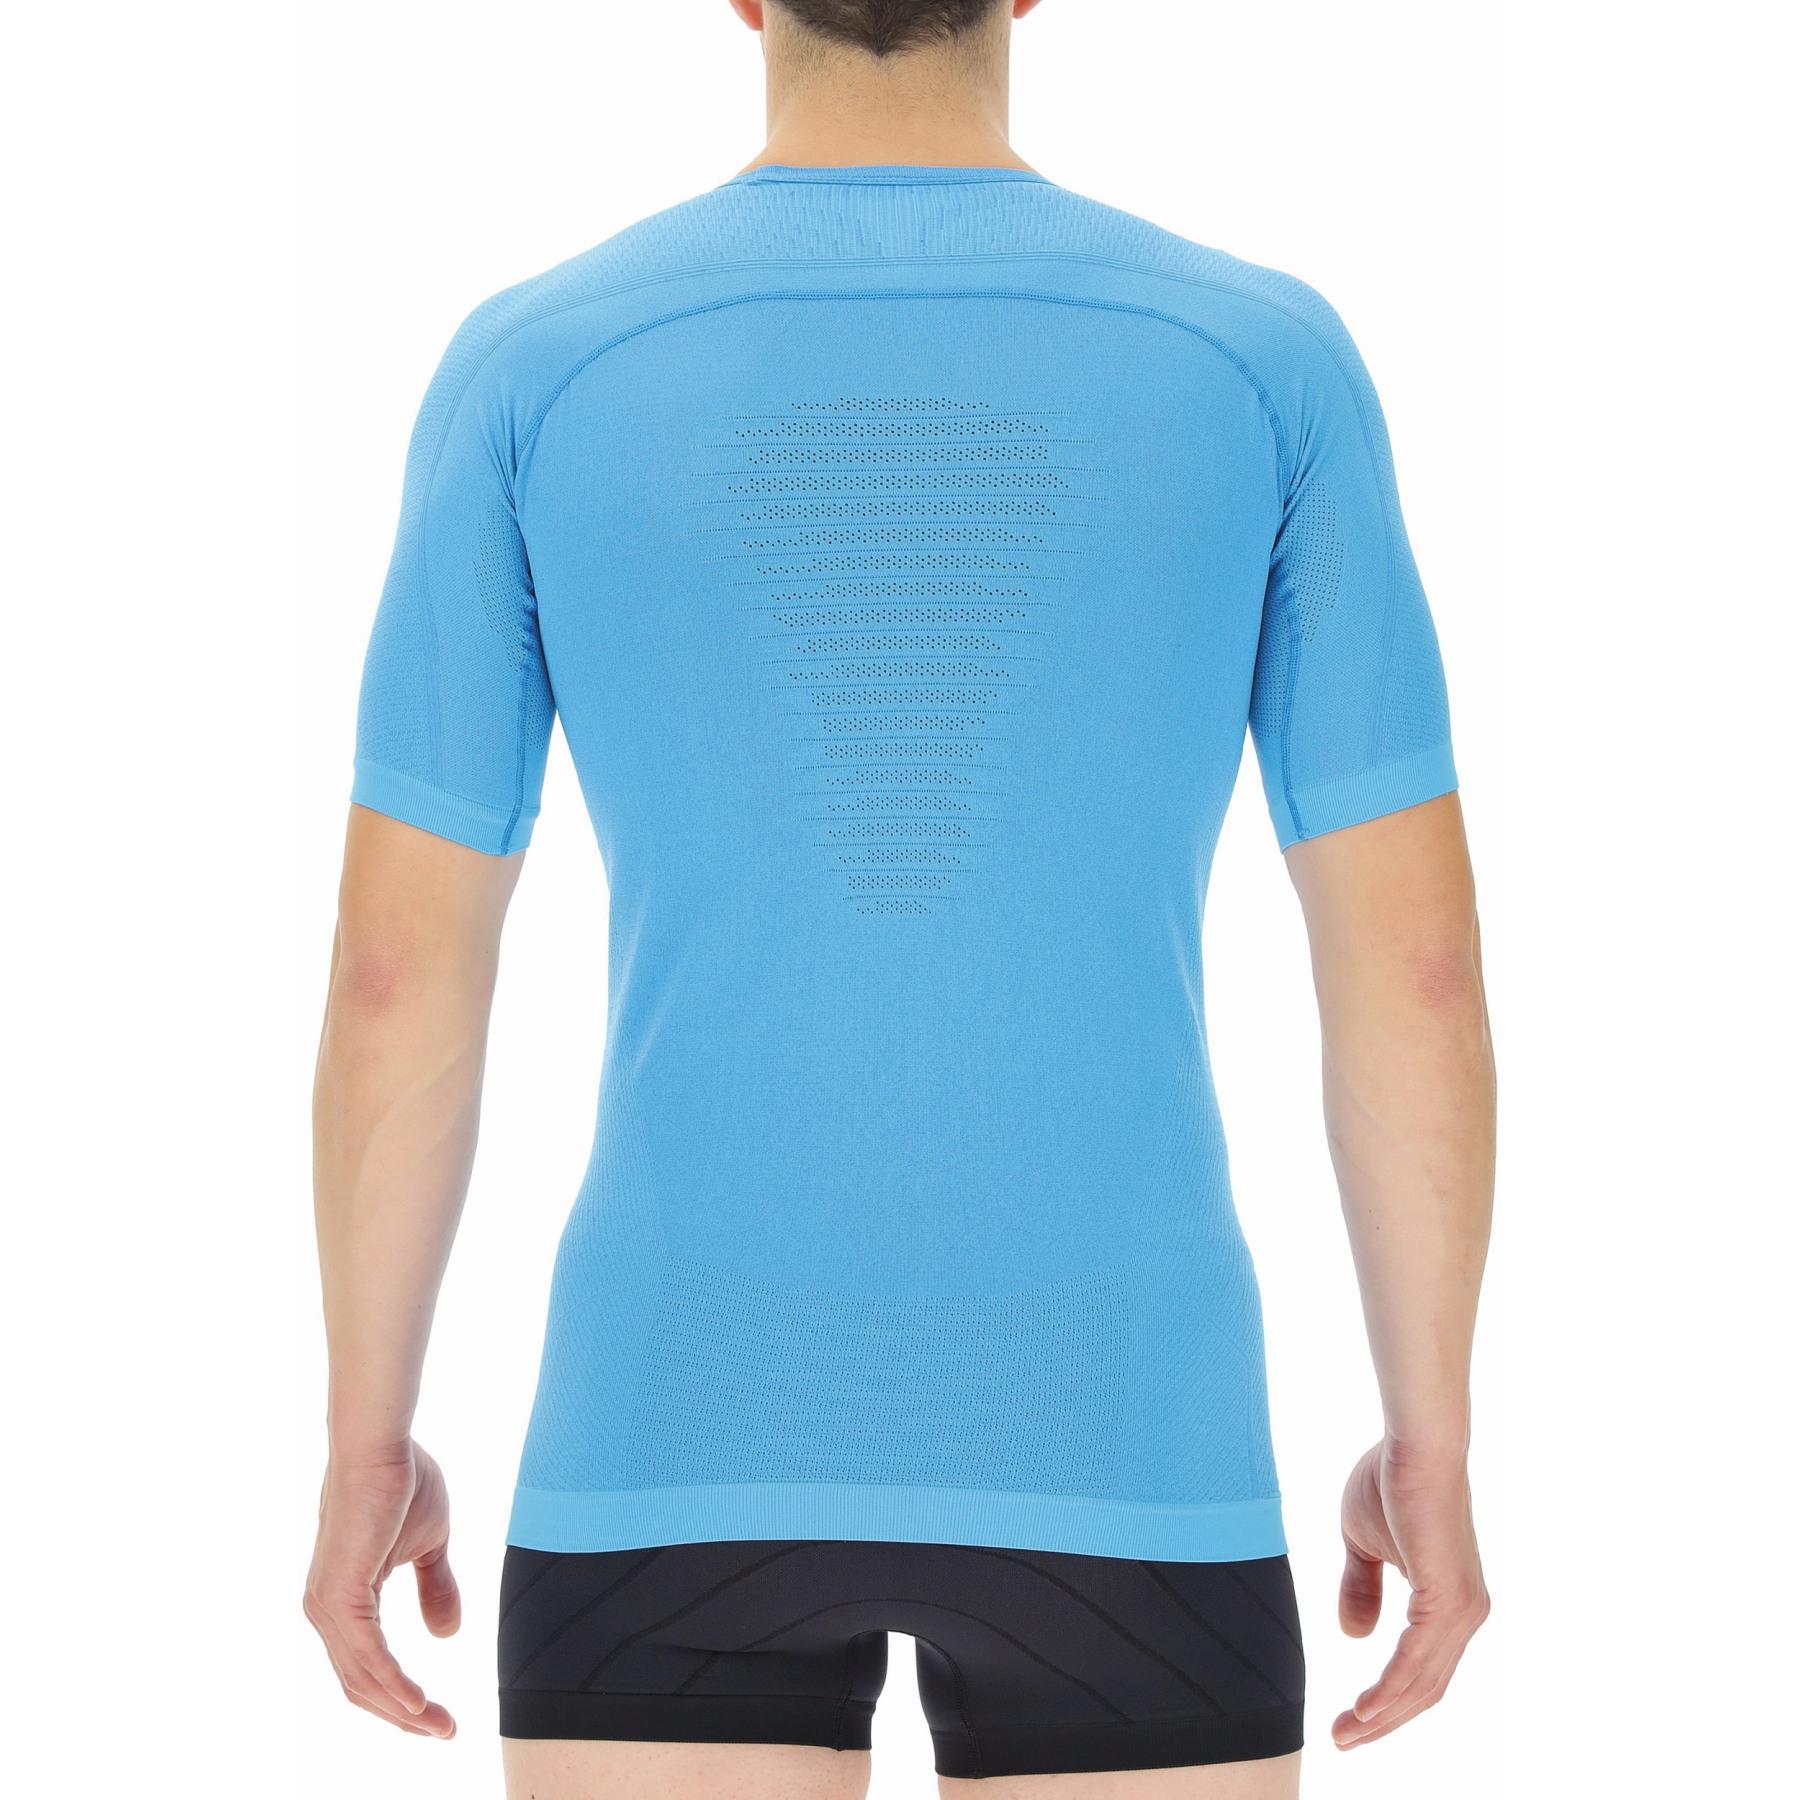 Bild von UYN Energyon Herren Kurzärmliges Unterhemd - Classic Blue